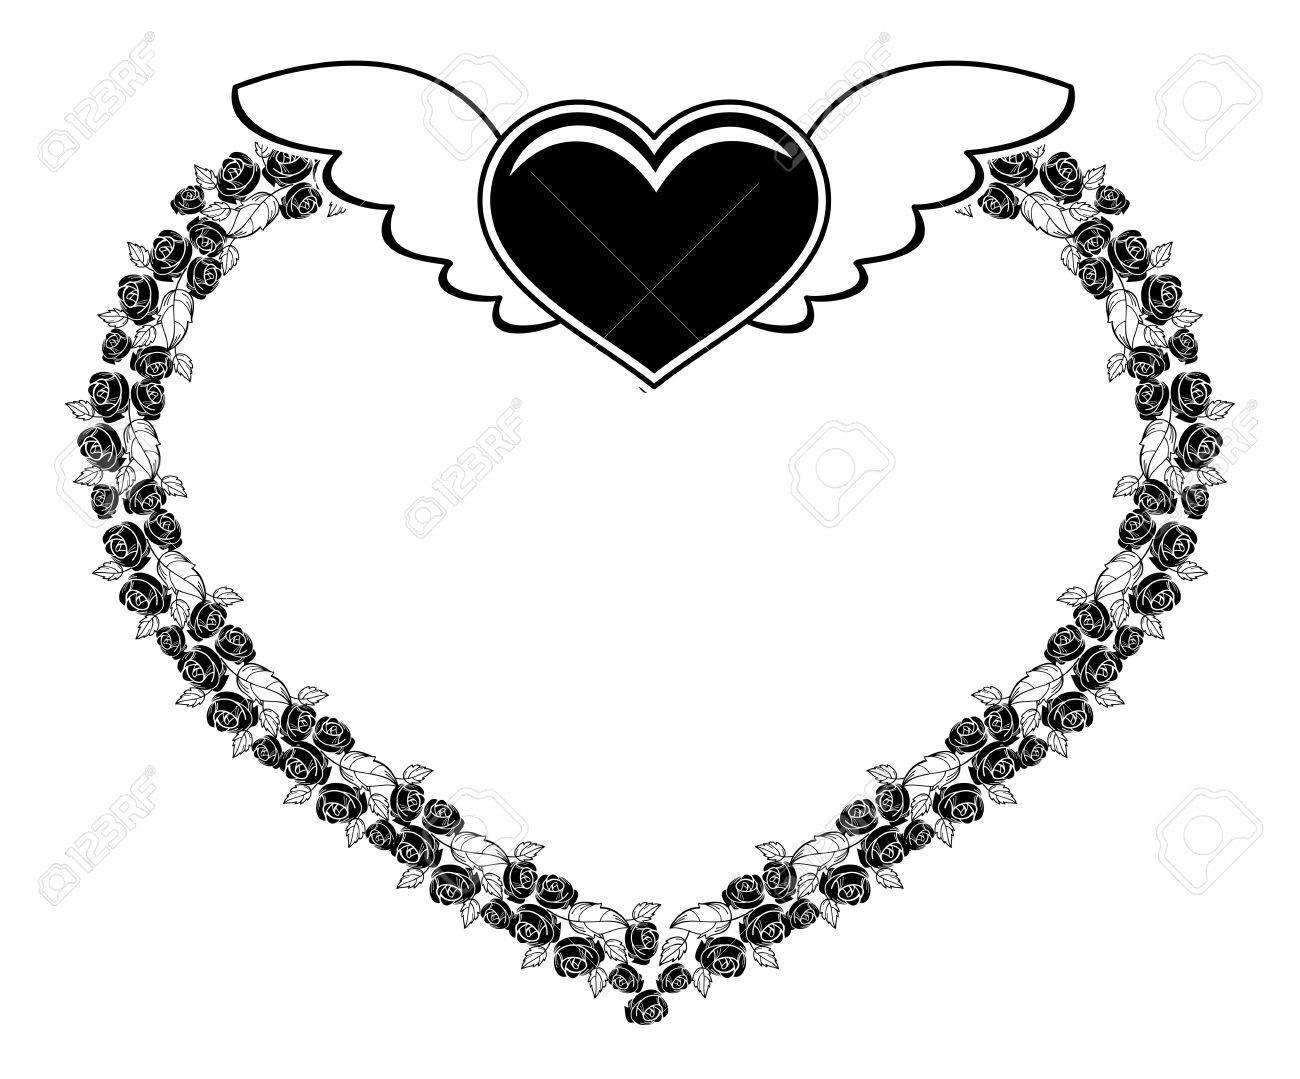 Silueta Del Marco En Forma De Corazón Blanco Y Negro Con Rosas Y